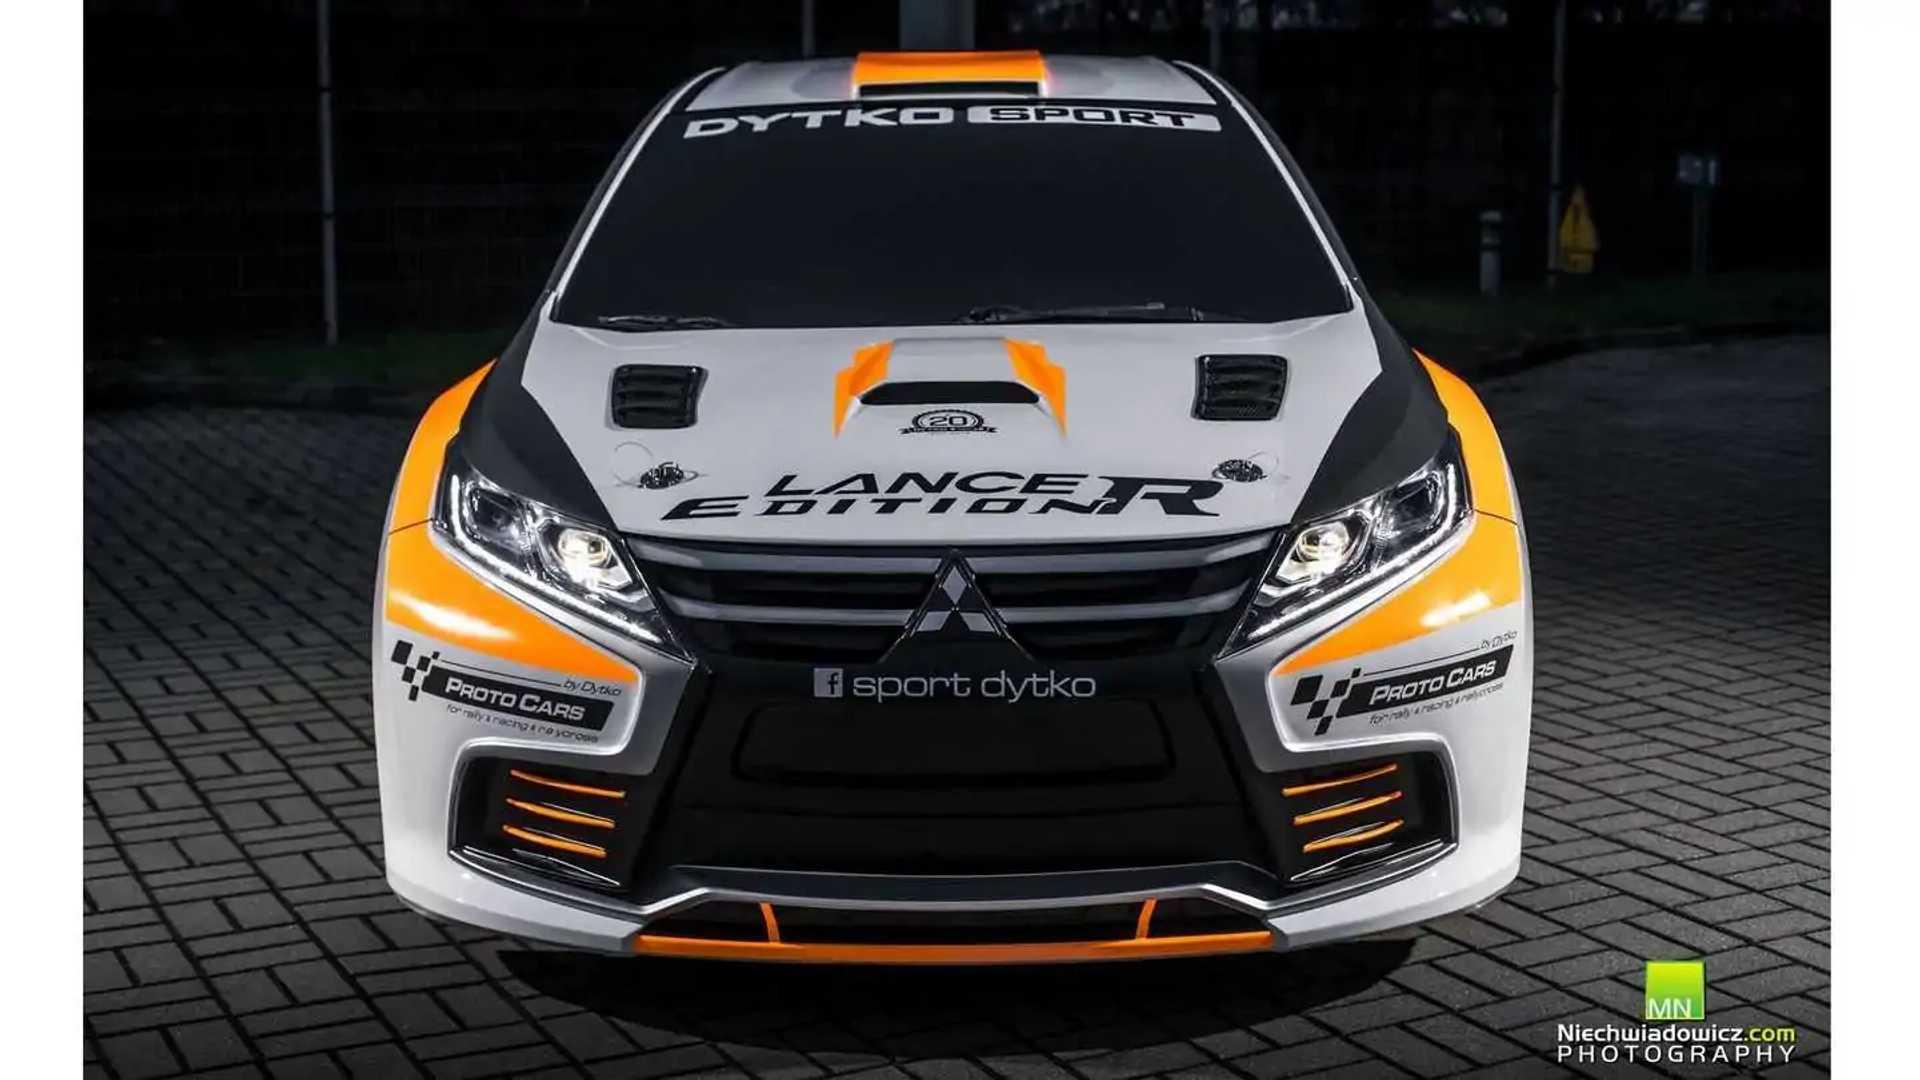 The New Identity Mitsubishi Lancer Evo Edition R By Dytko Sport